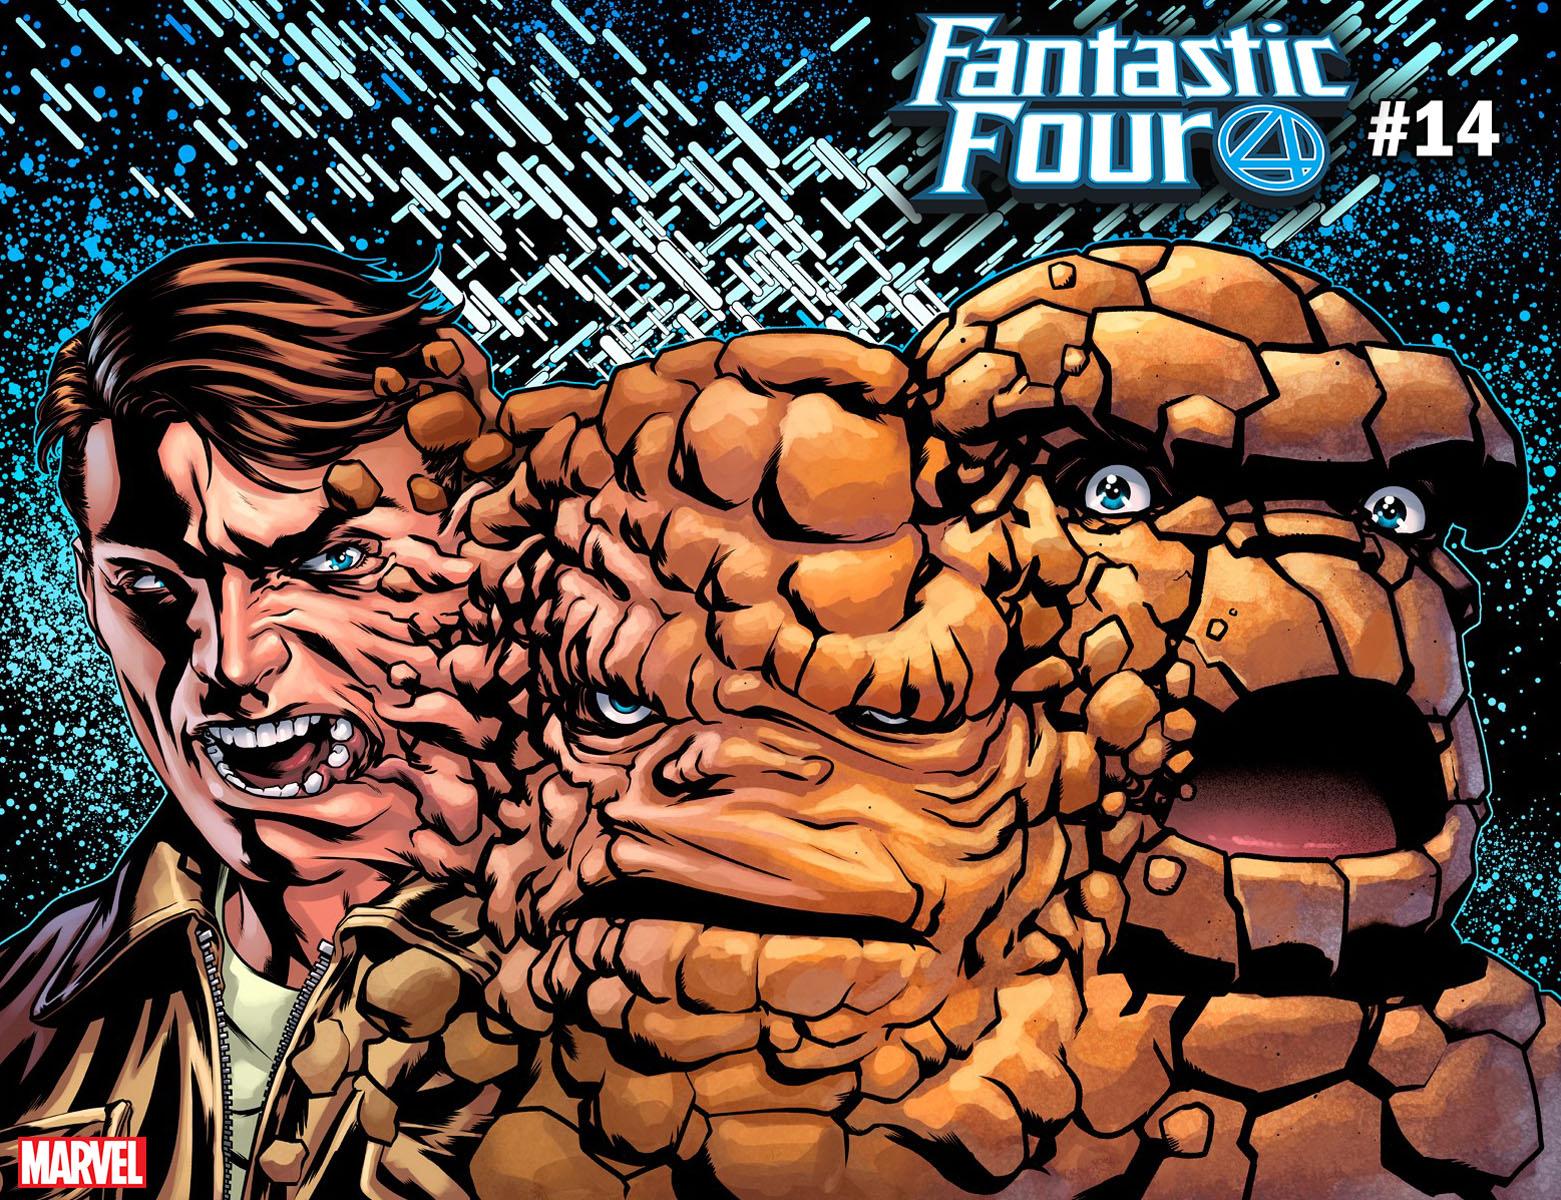 Самую странную серию альтернативных обложек Marvel посвятила трансформации Халка | Канобу - Изображение 3